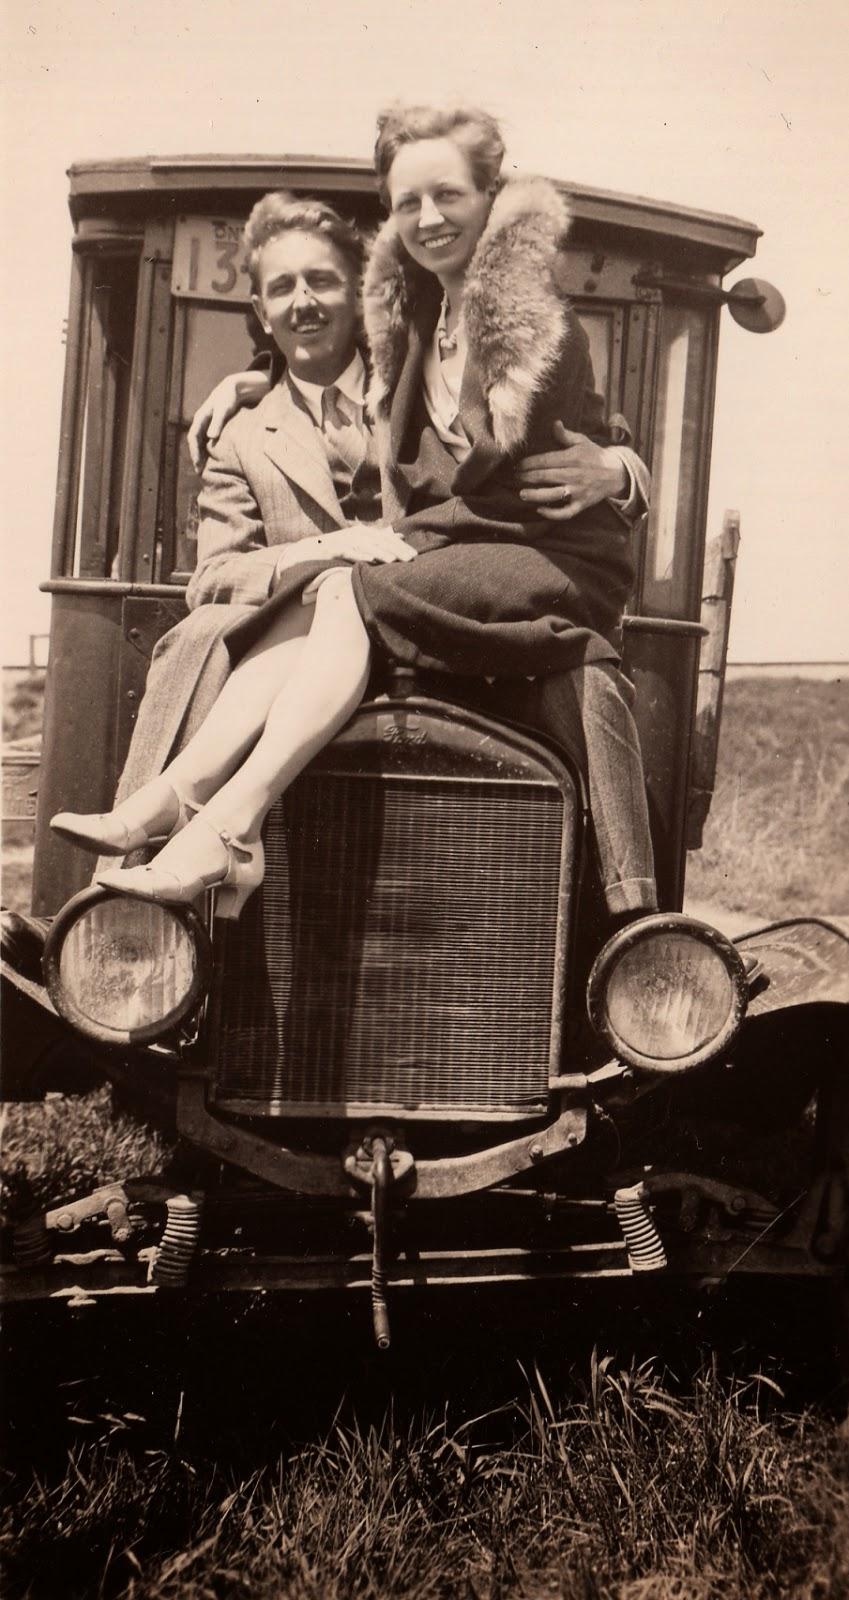 1931 Alton & Anetta.